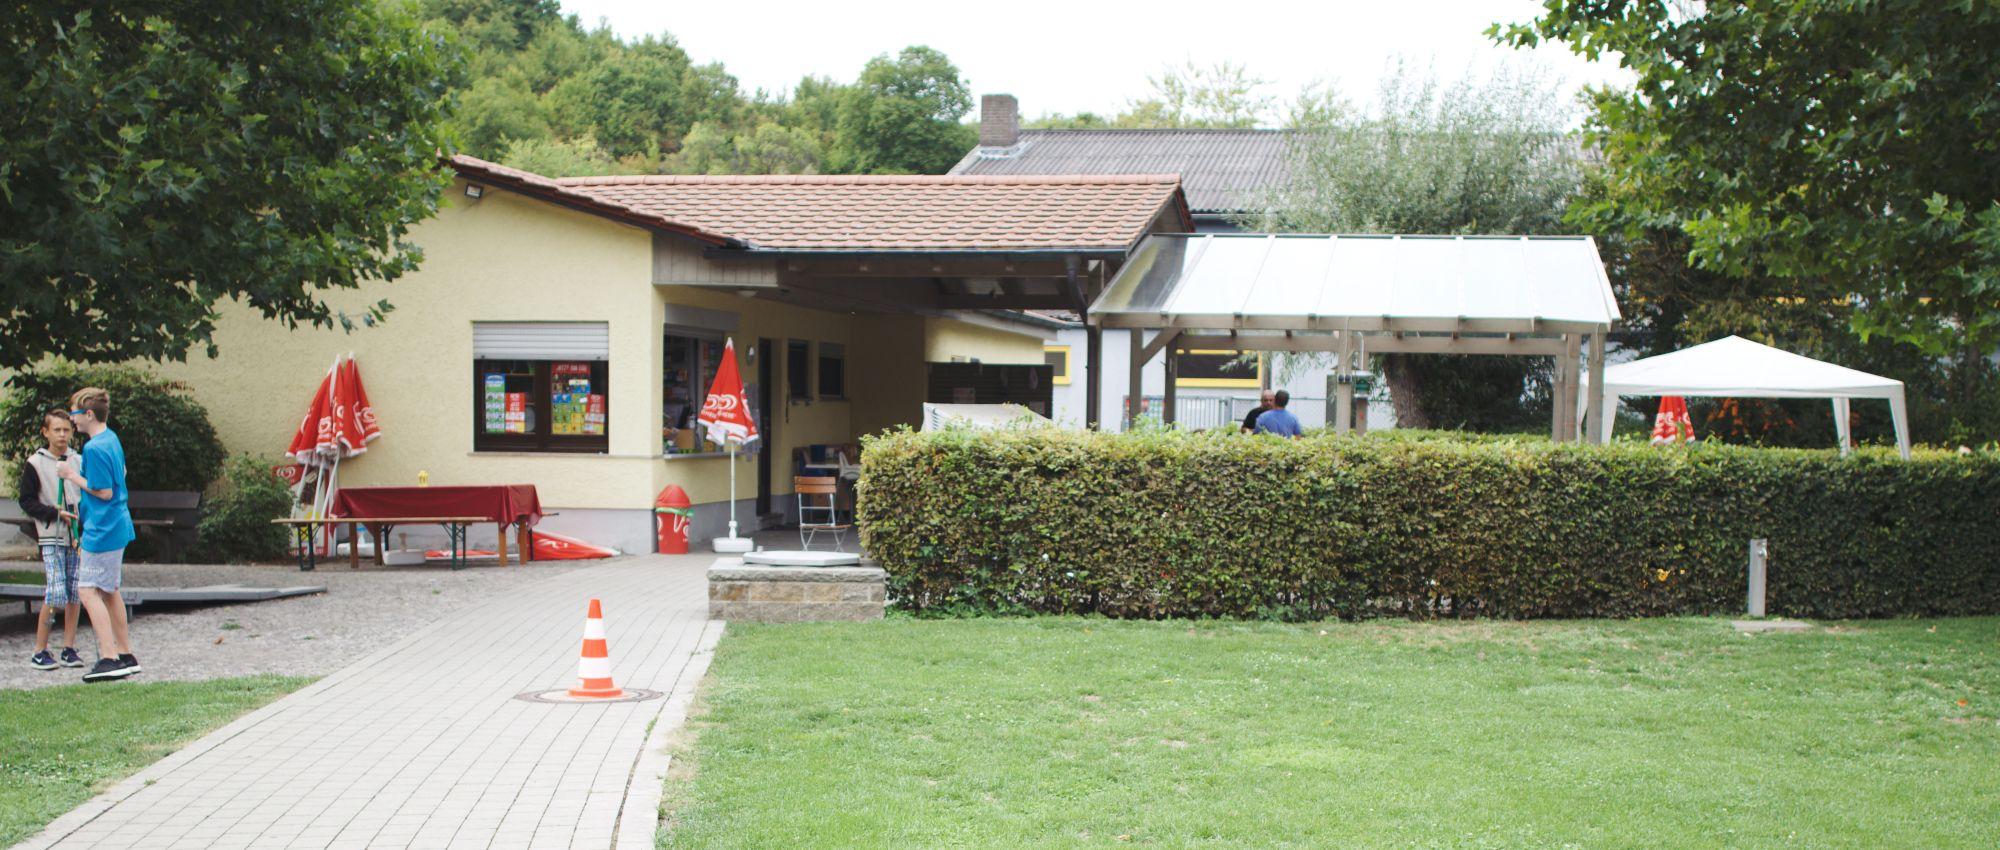 Dürrbachpark Minigolf Kassenhaus mit Anlage